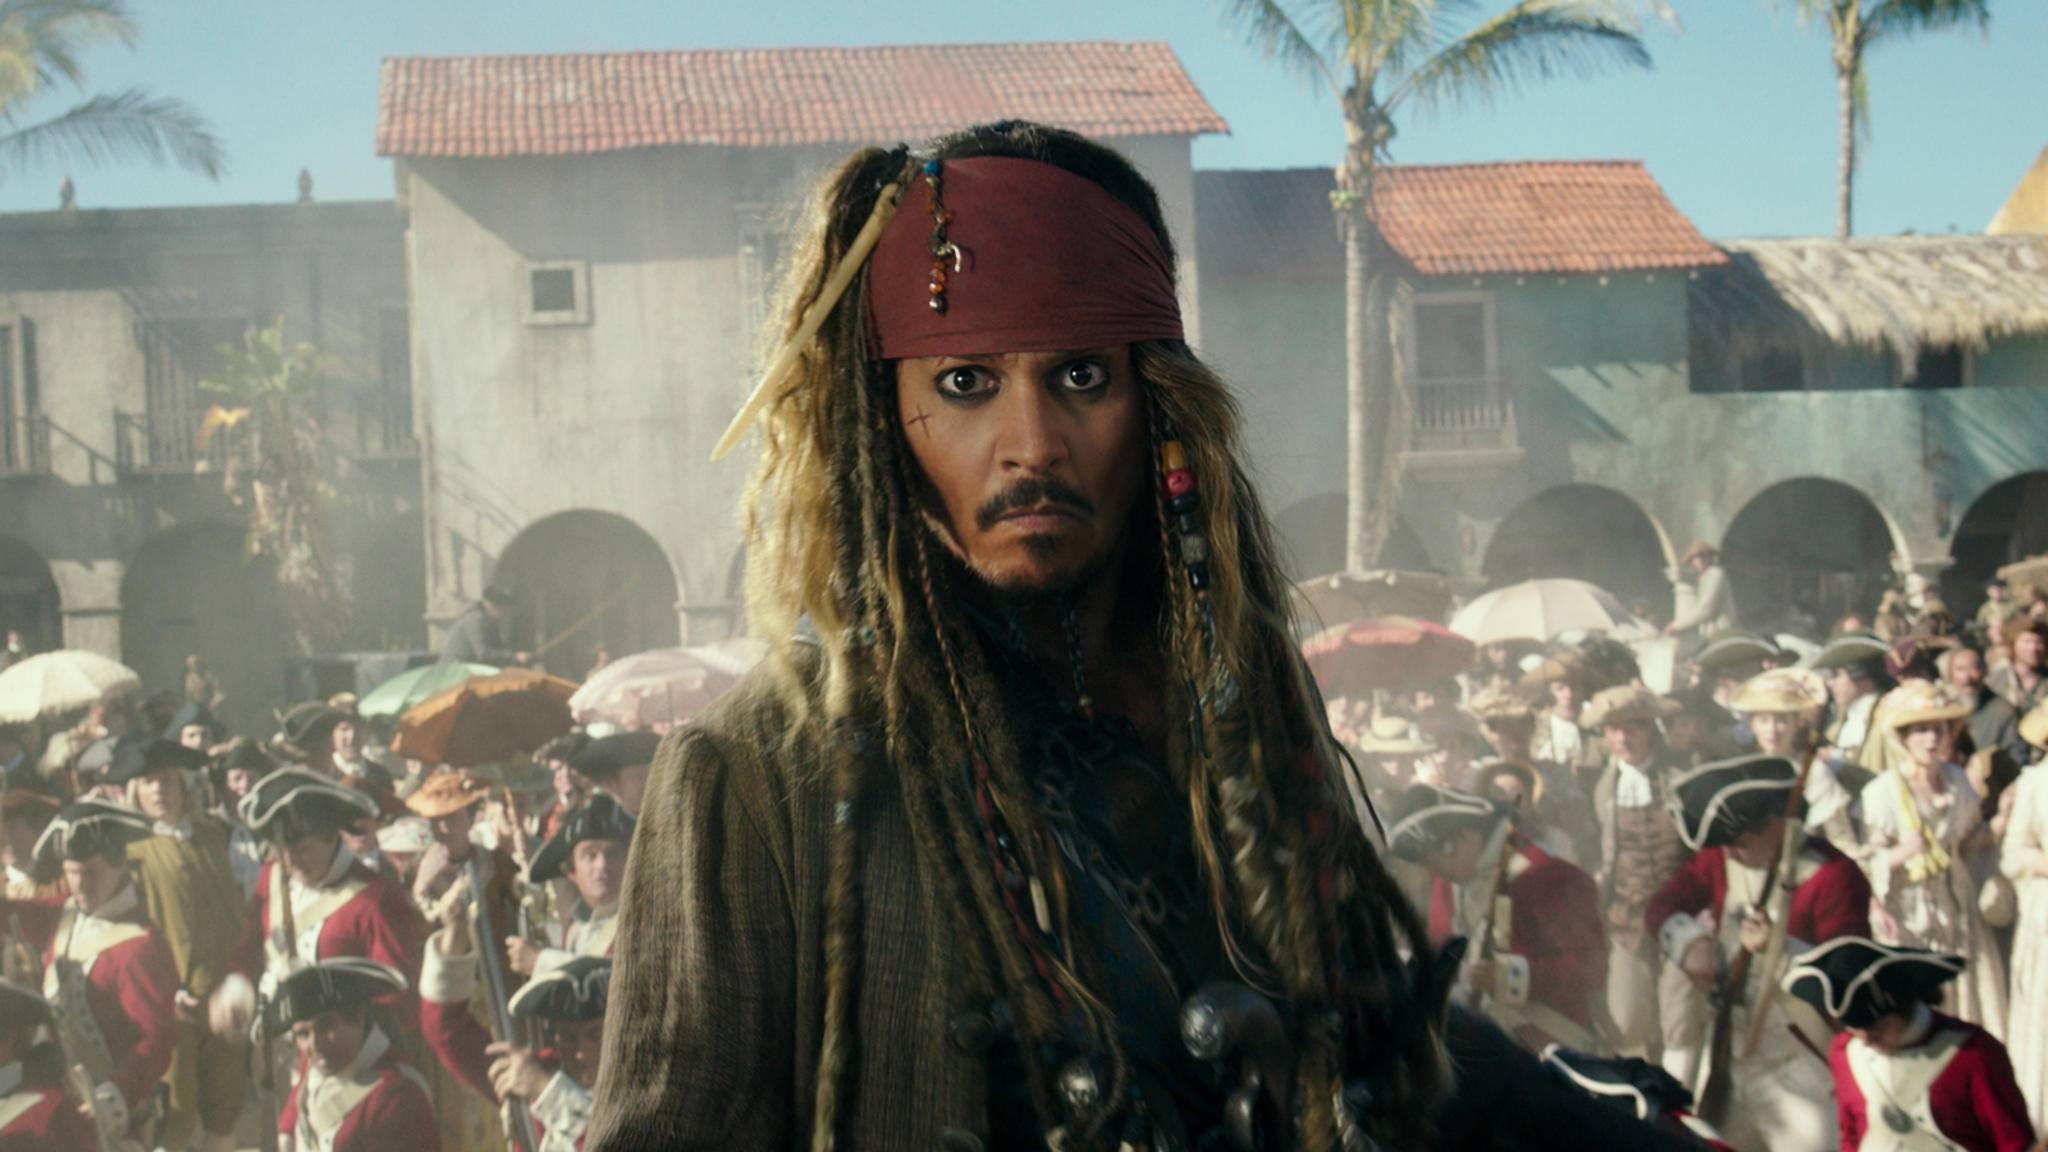 Ob Captain Jack Sparrow jemals von jemand anderem als Johnny Depp gespielt werden könnte? Wohl kaum!